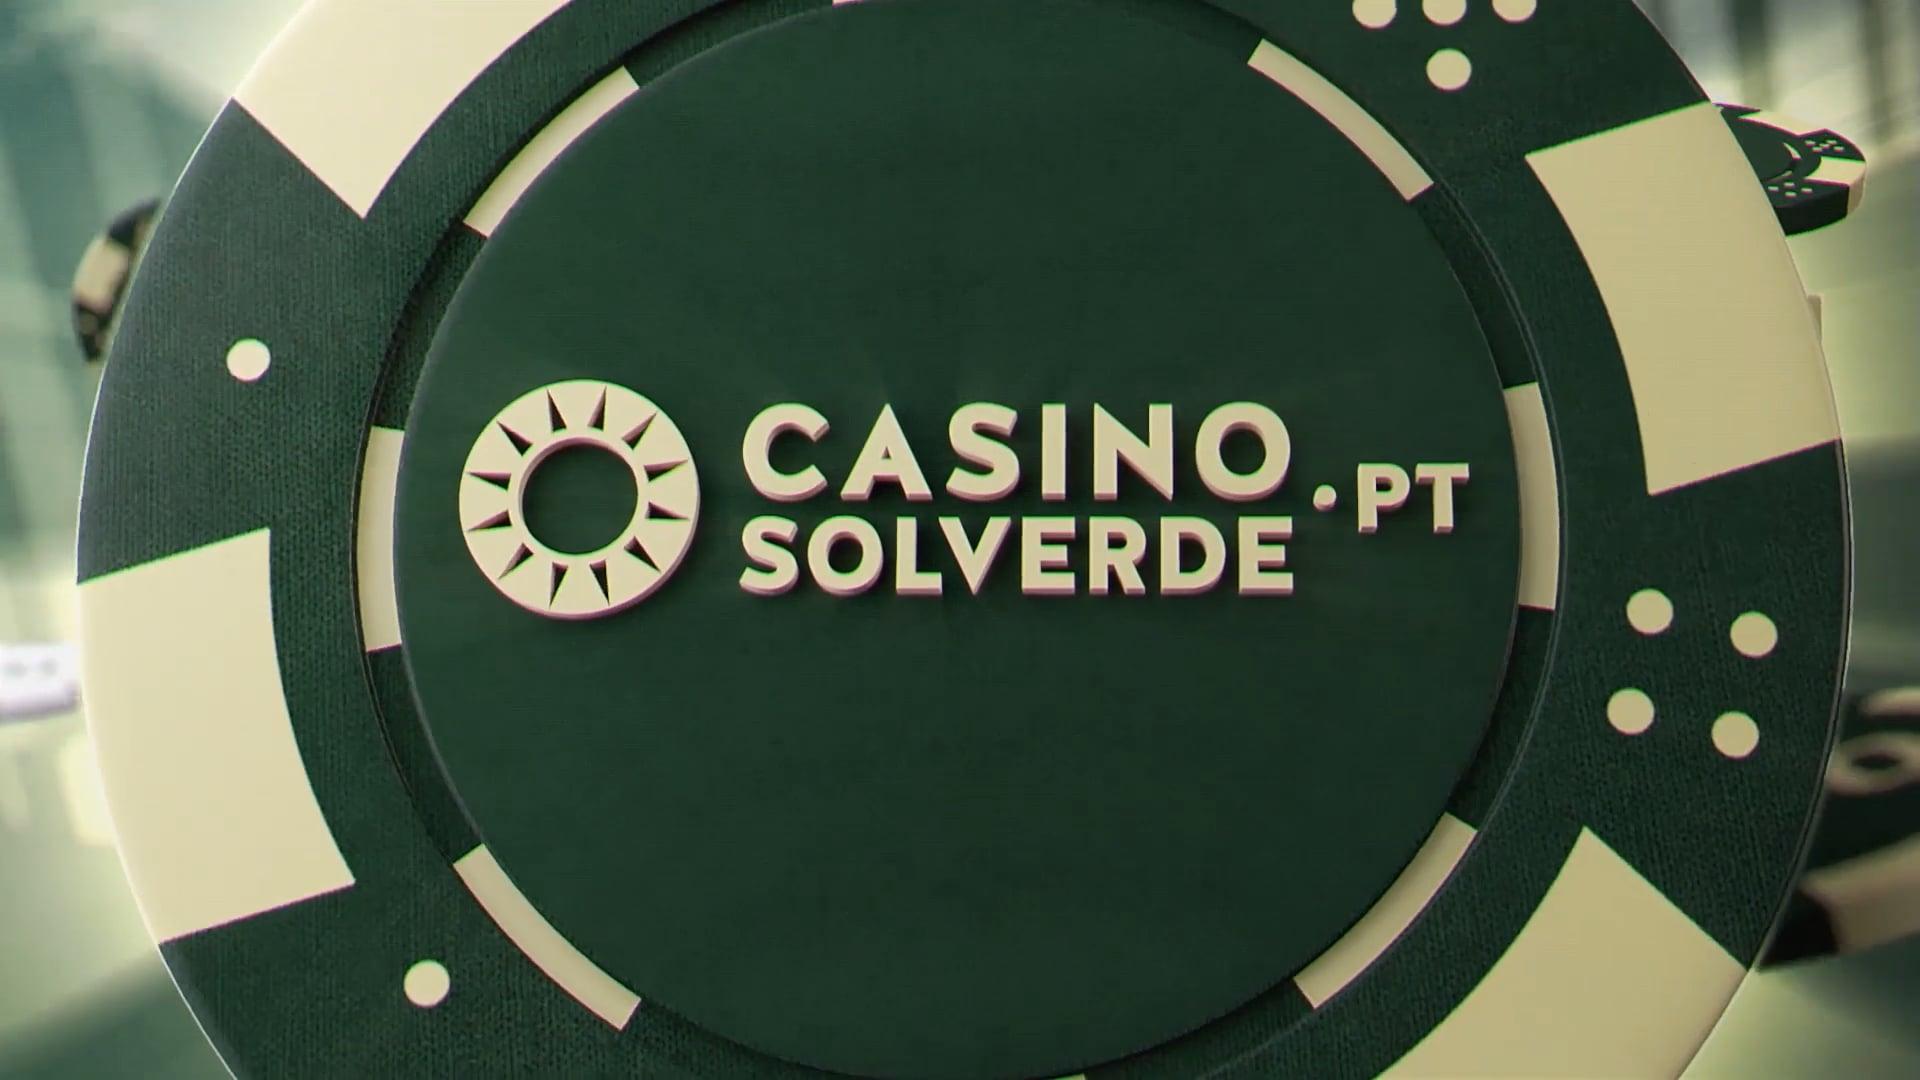 Casino Solverde - Eventos Verão